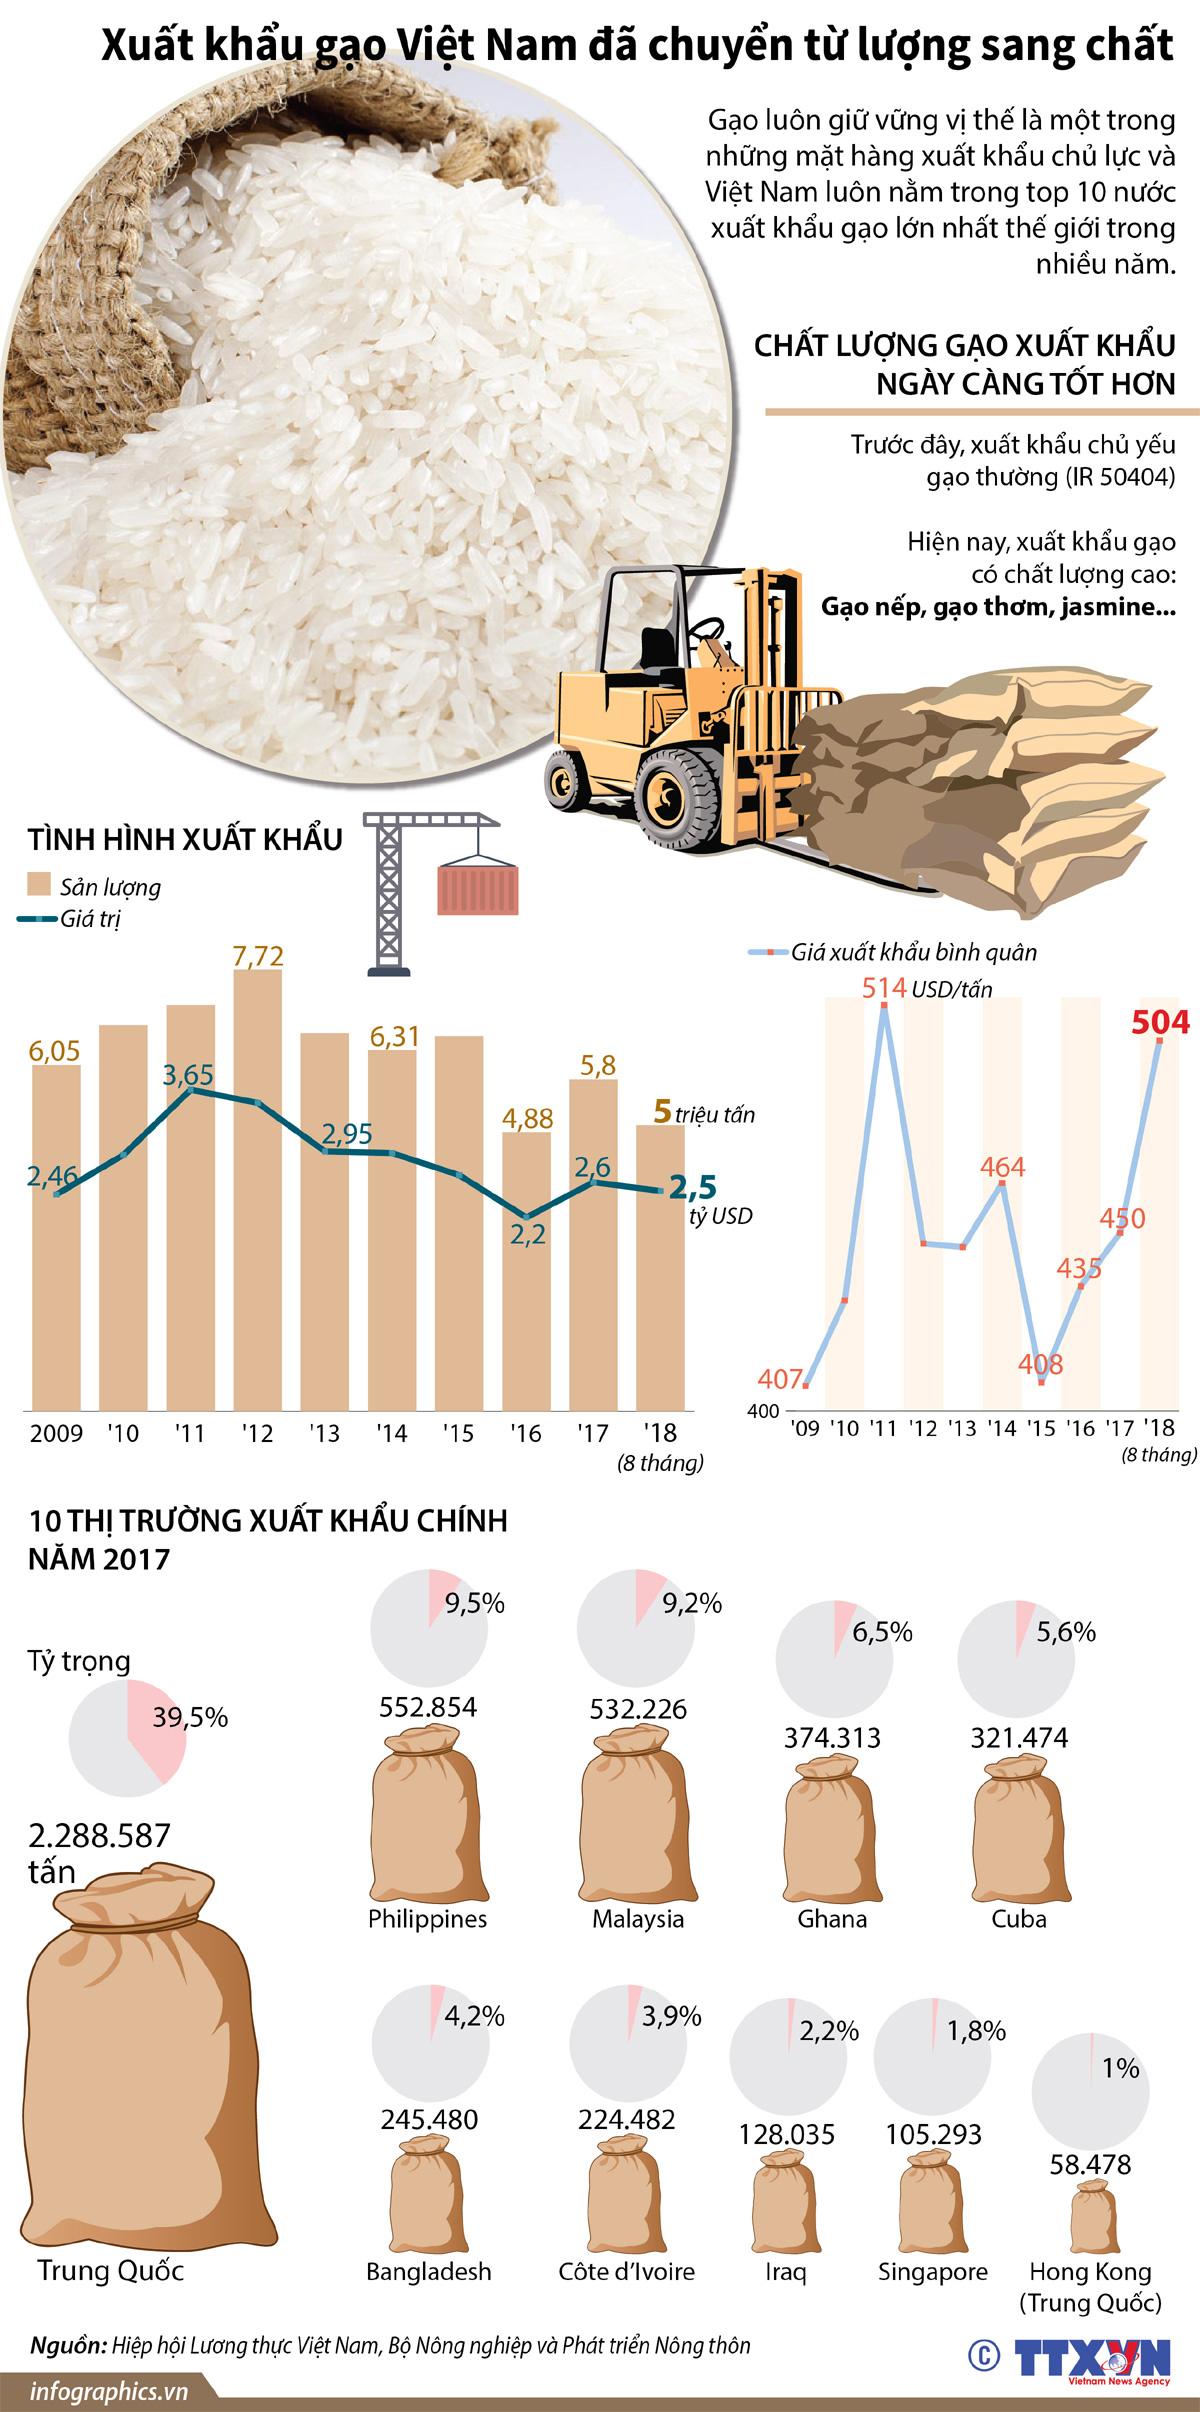 Xuất khẩu gạo, Việt Nam, chất lượng